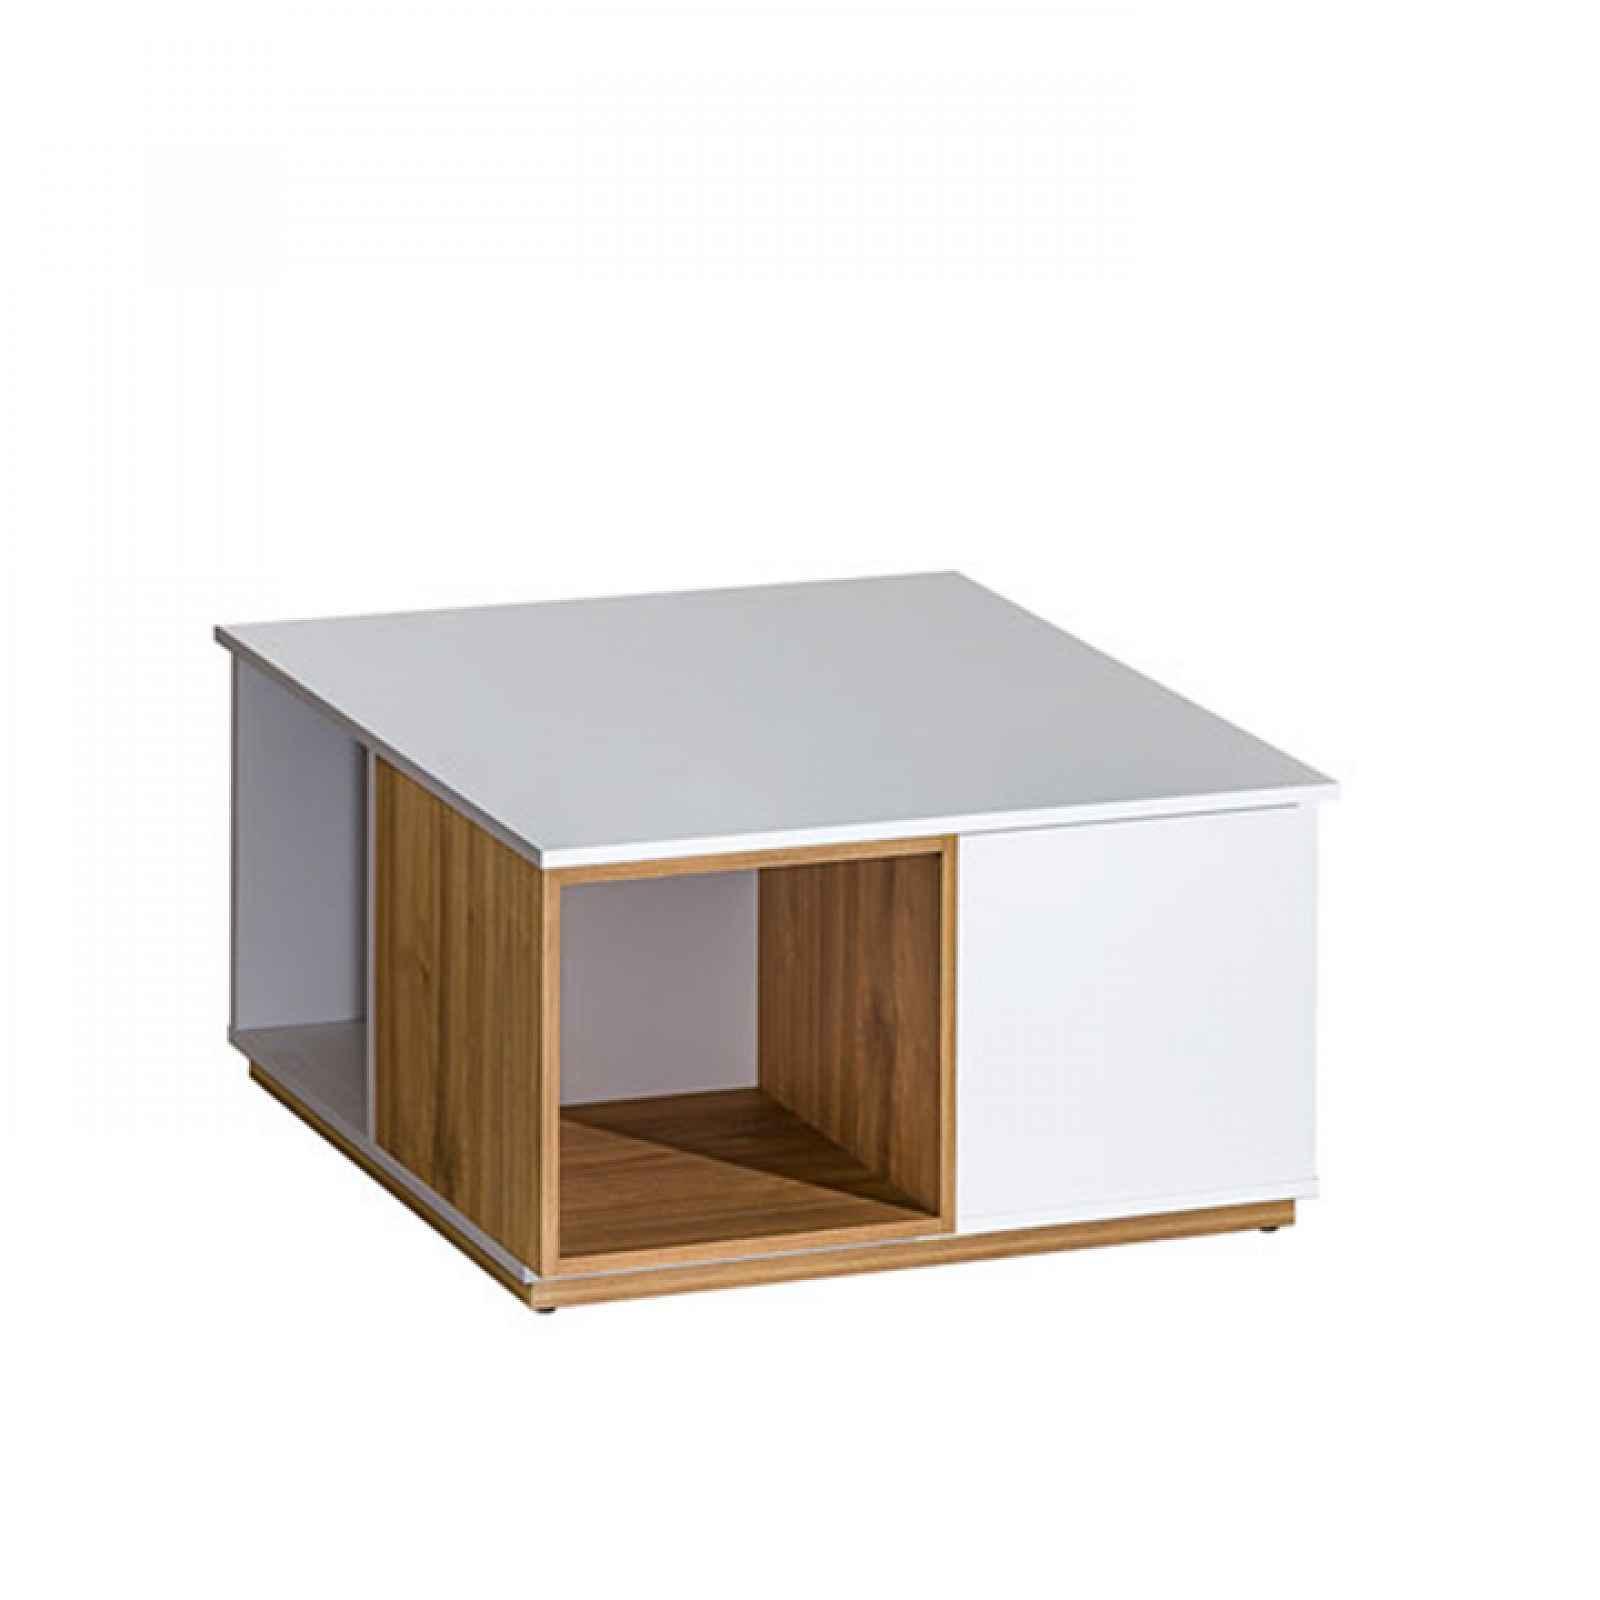 608/5000Konferenční stolek, ořech select / bílá, KNOX E13 0000239025 Tempo Kondela